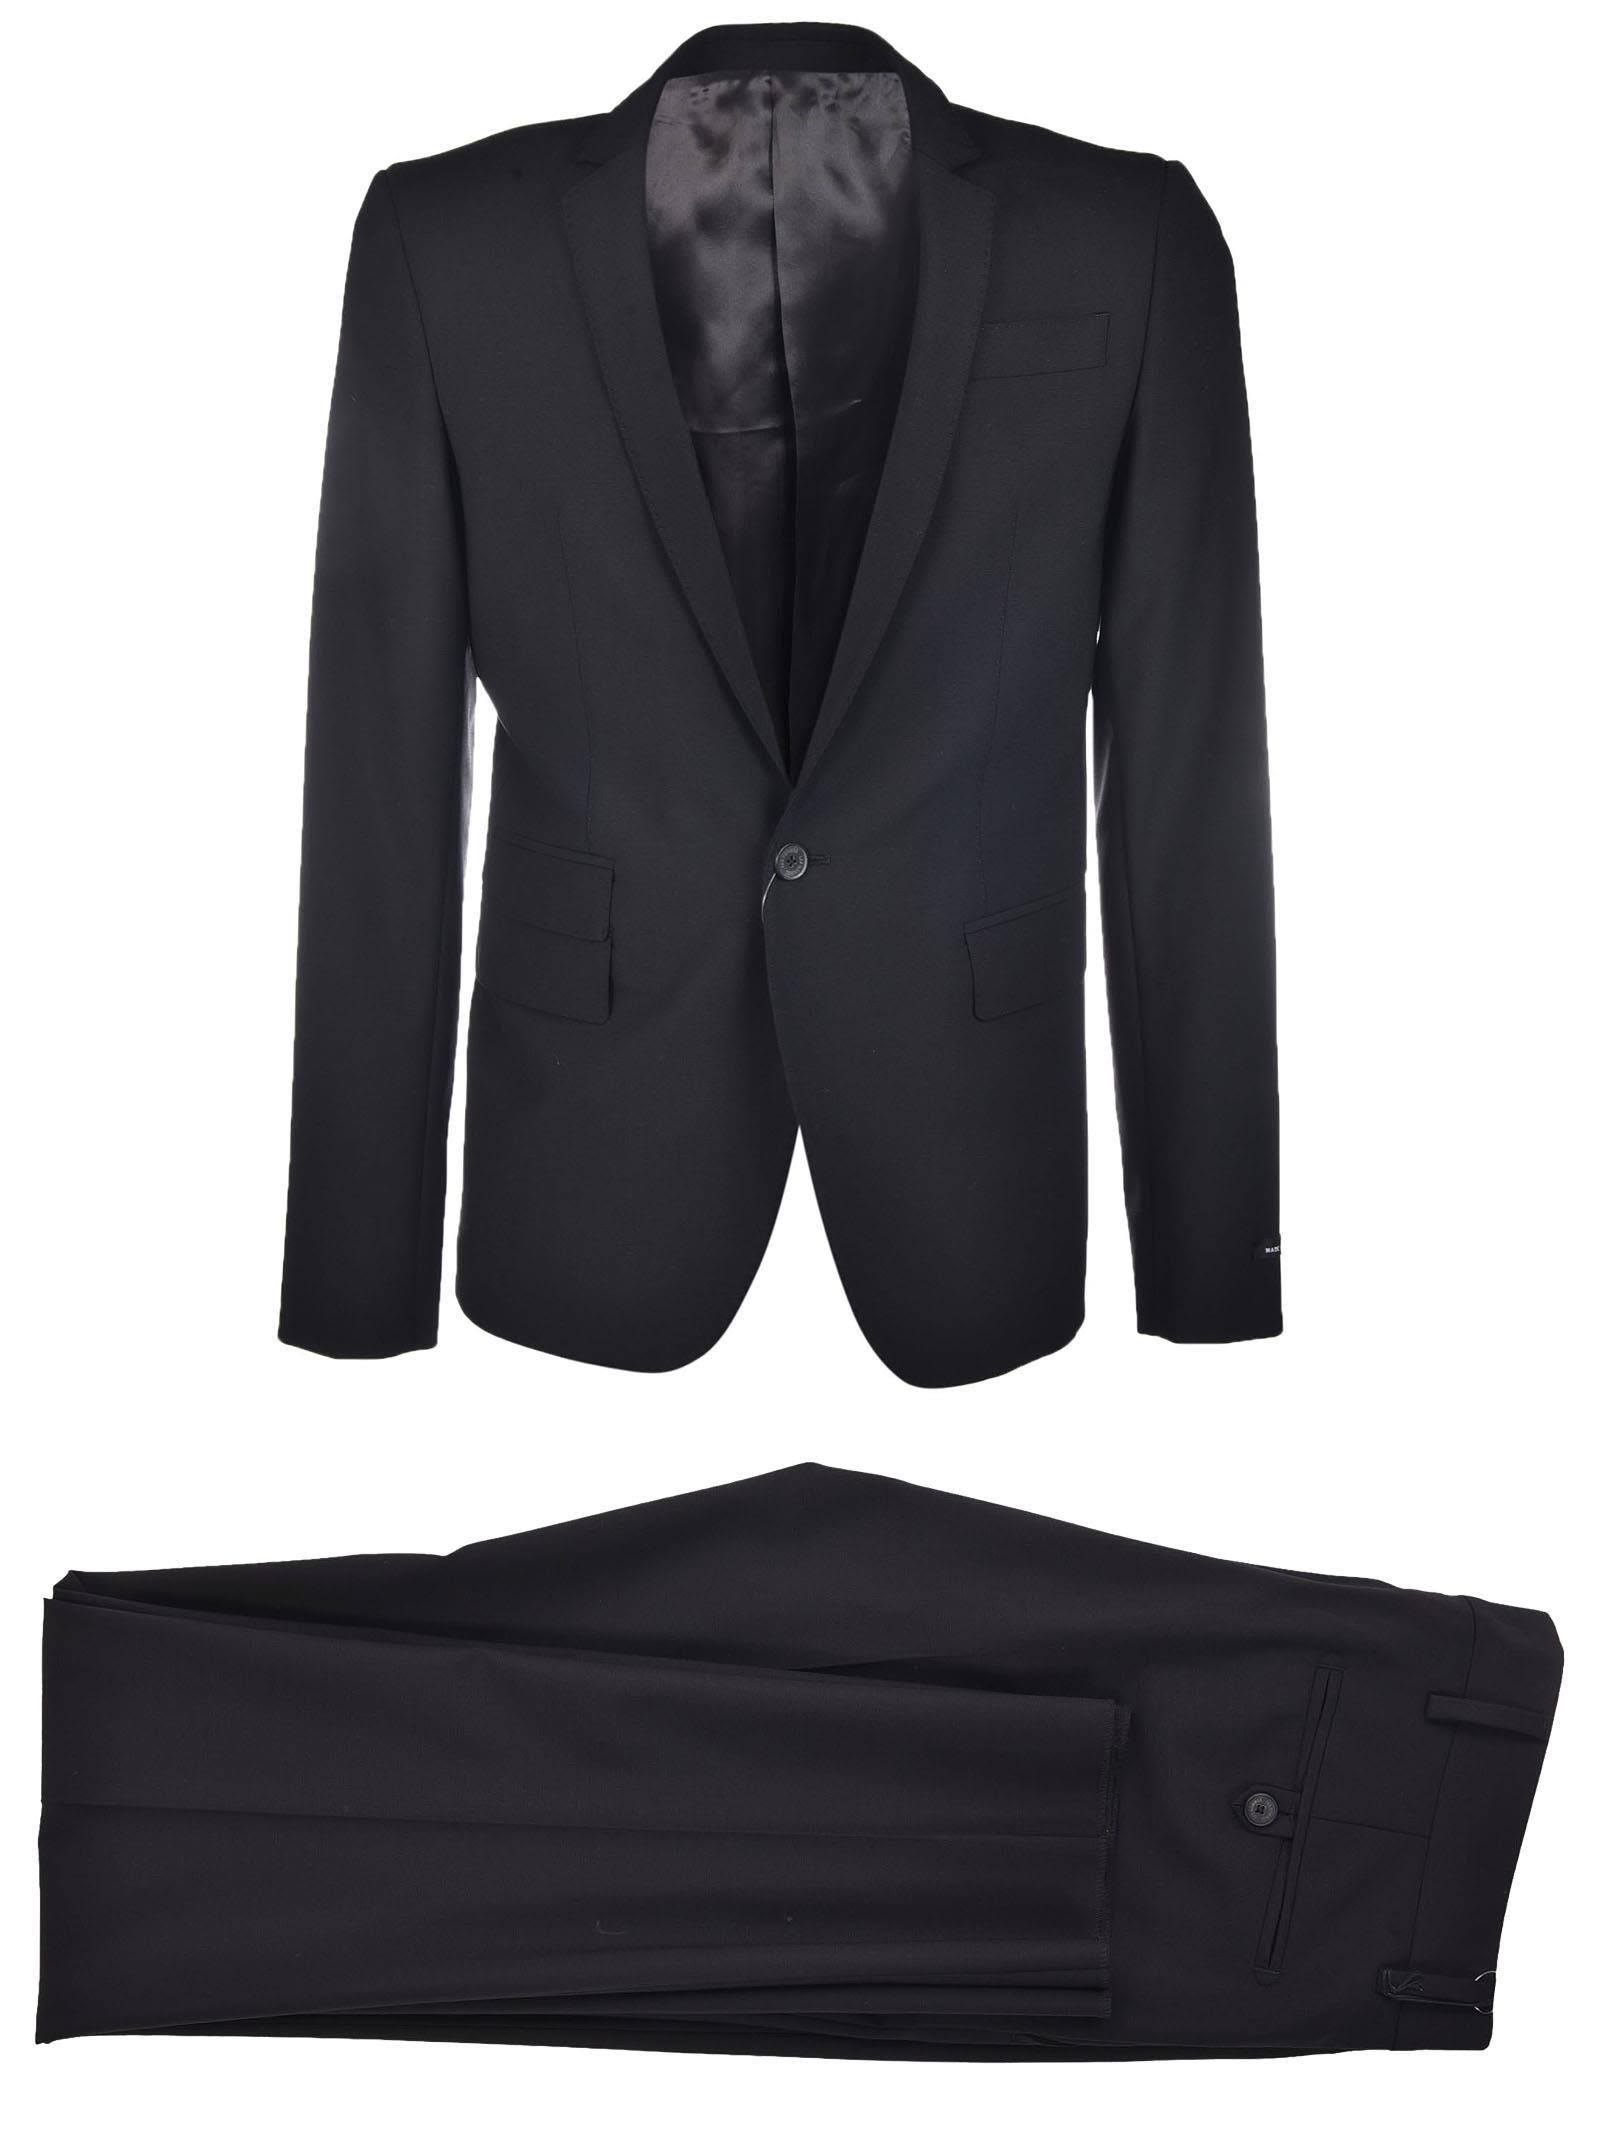 Les Hommes Classic Suit